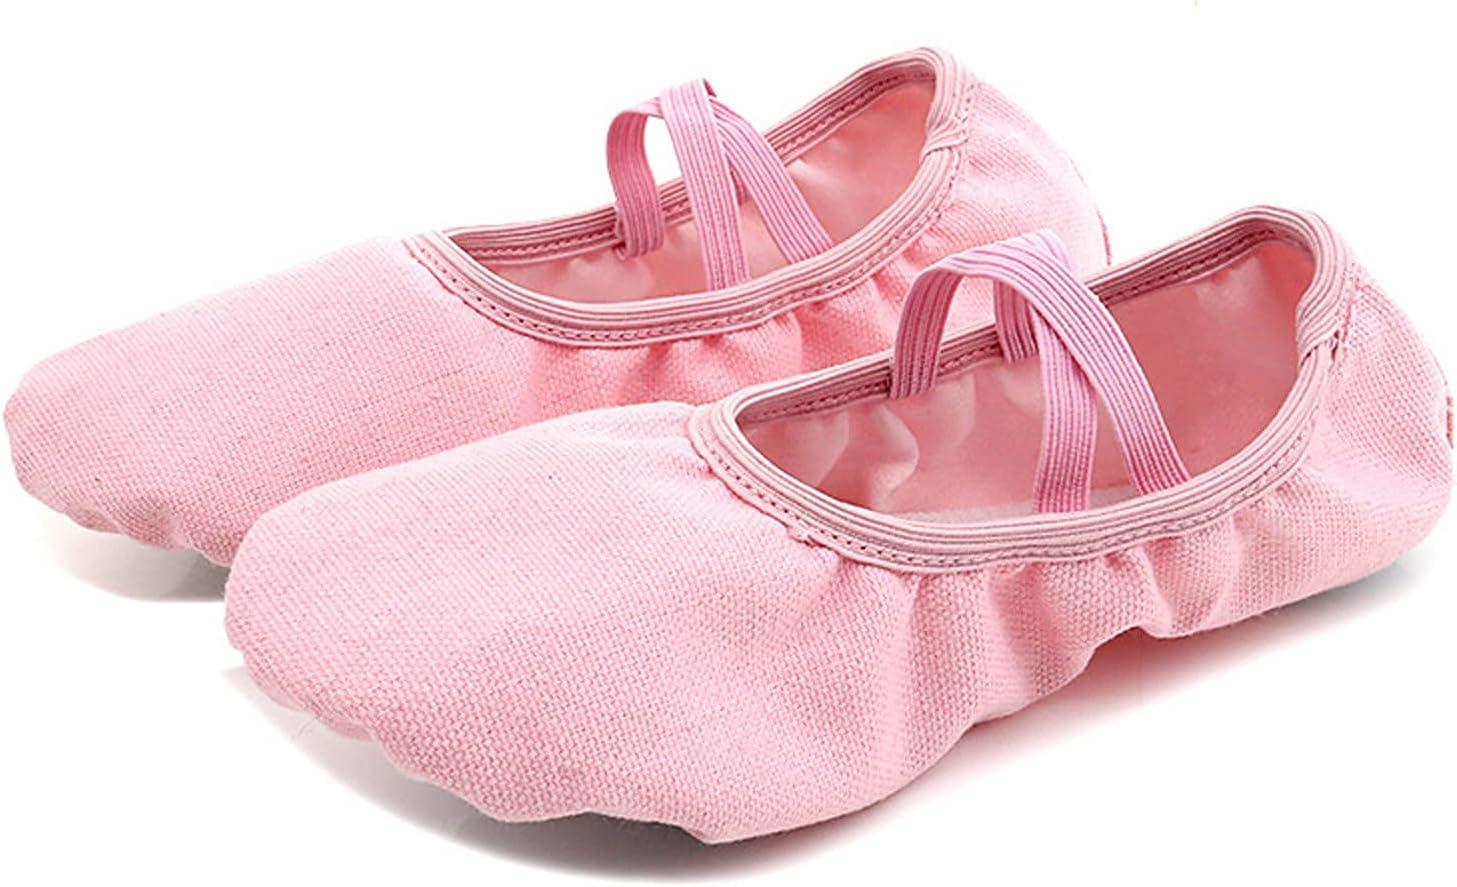 Girls Ballet Practice Dancing Shoes For Women Yoga Shoes For Kids Yoga Shoes Yoga Shoes With arth Support Yoga Shoes Sling Yoga Shoes For Women Non Slip Low Heel Dancing Shoes For Women Heels Flat